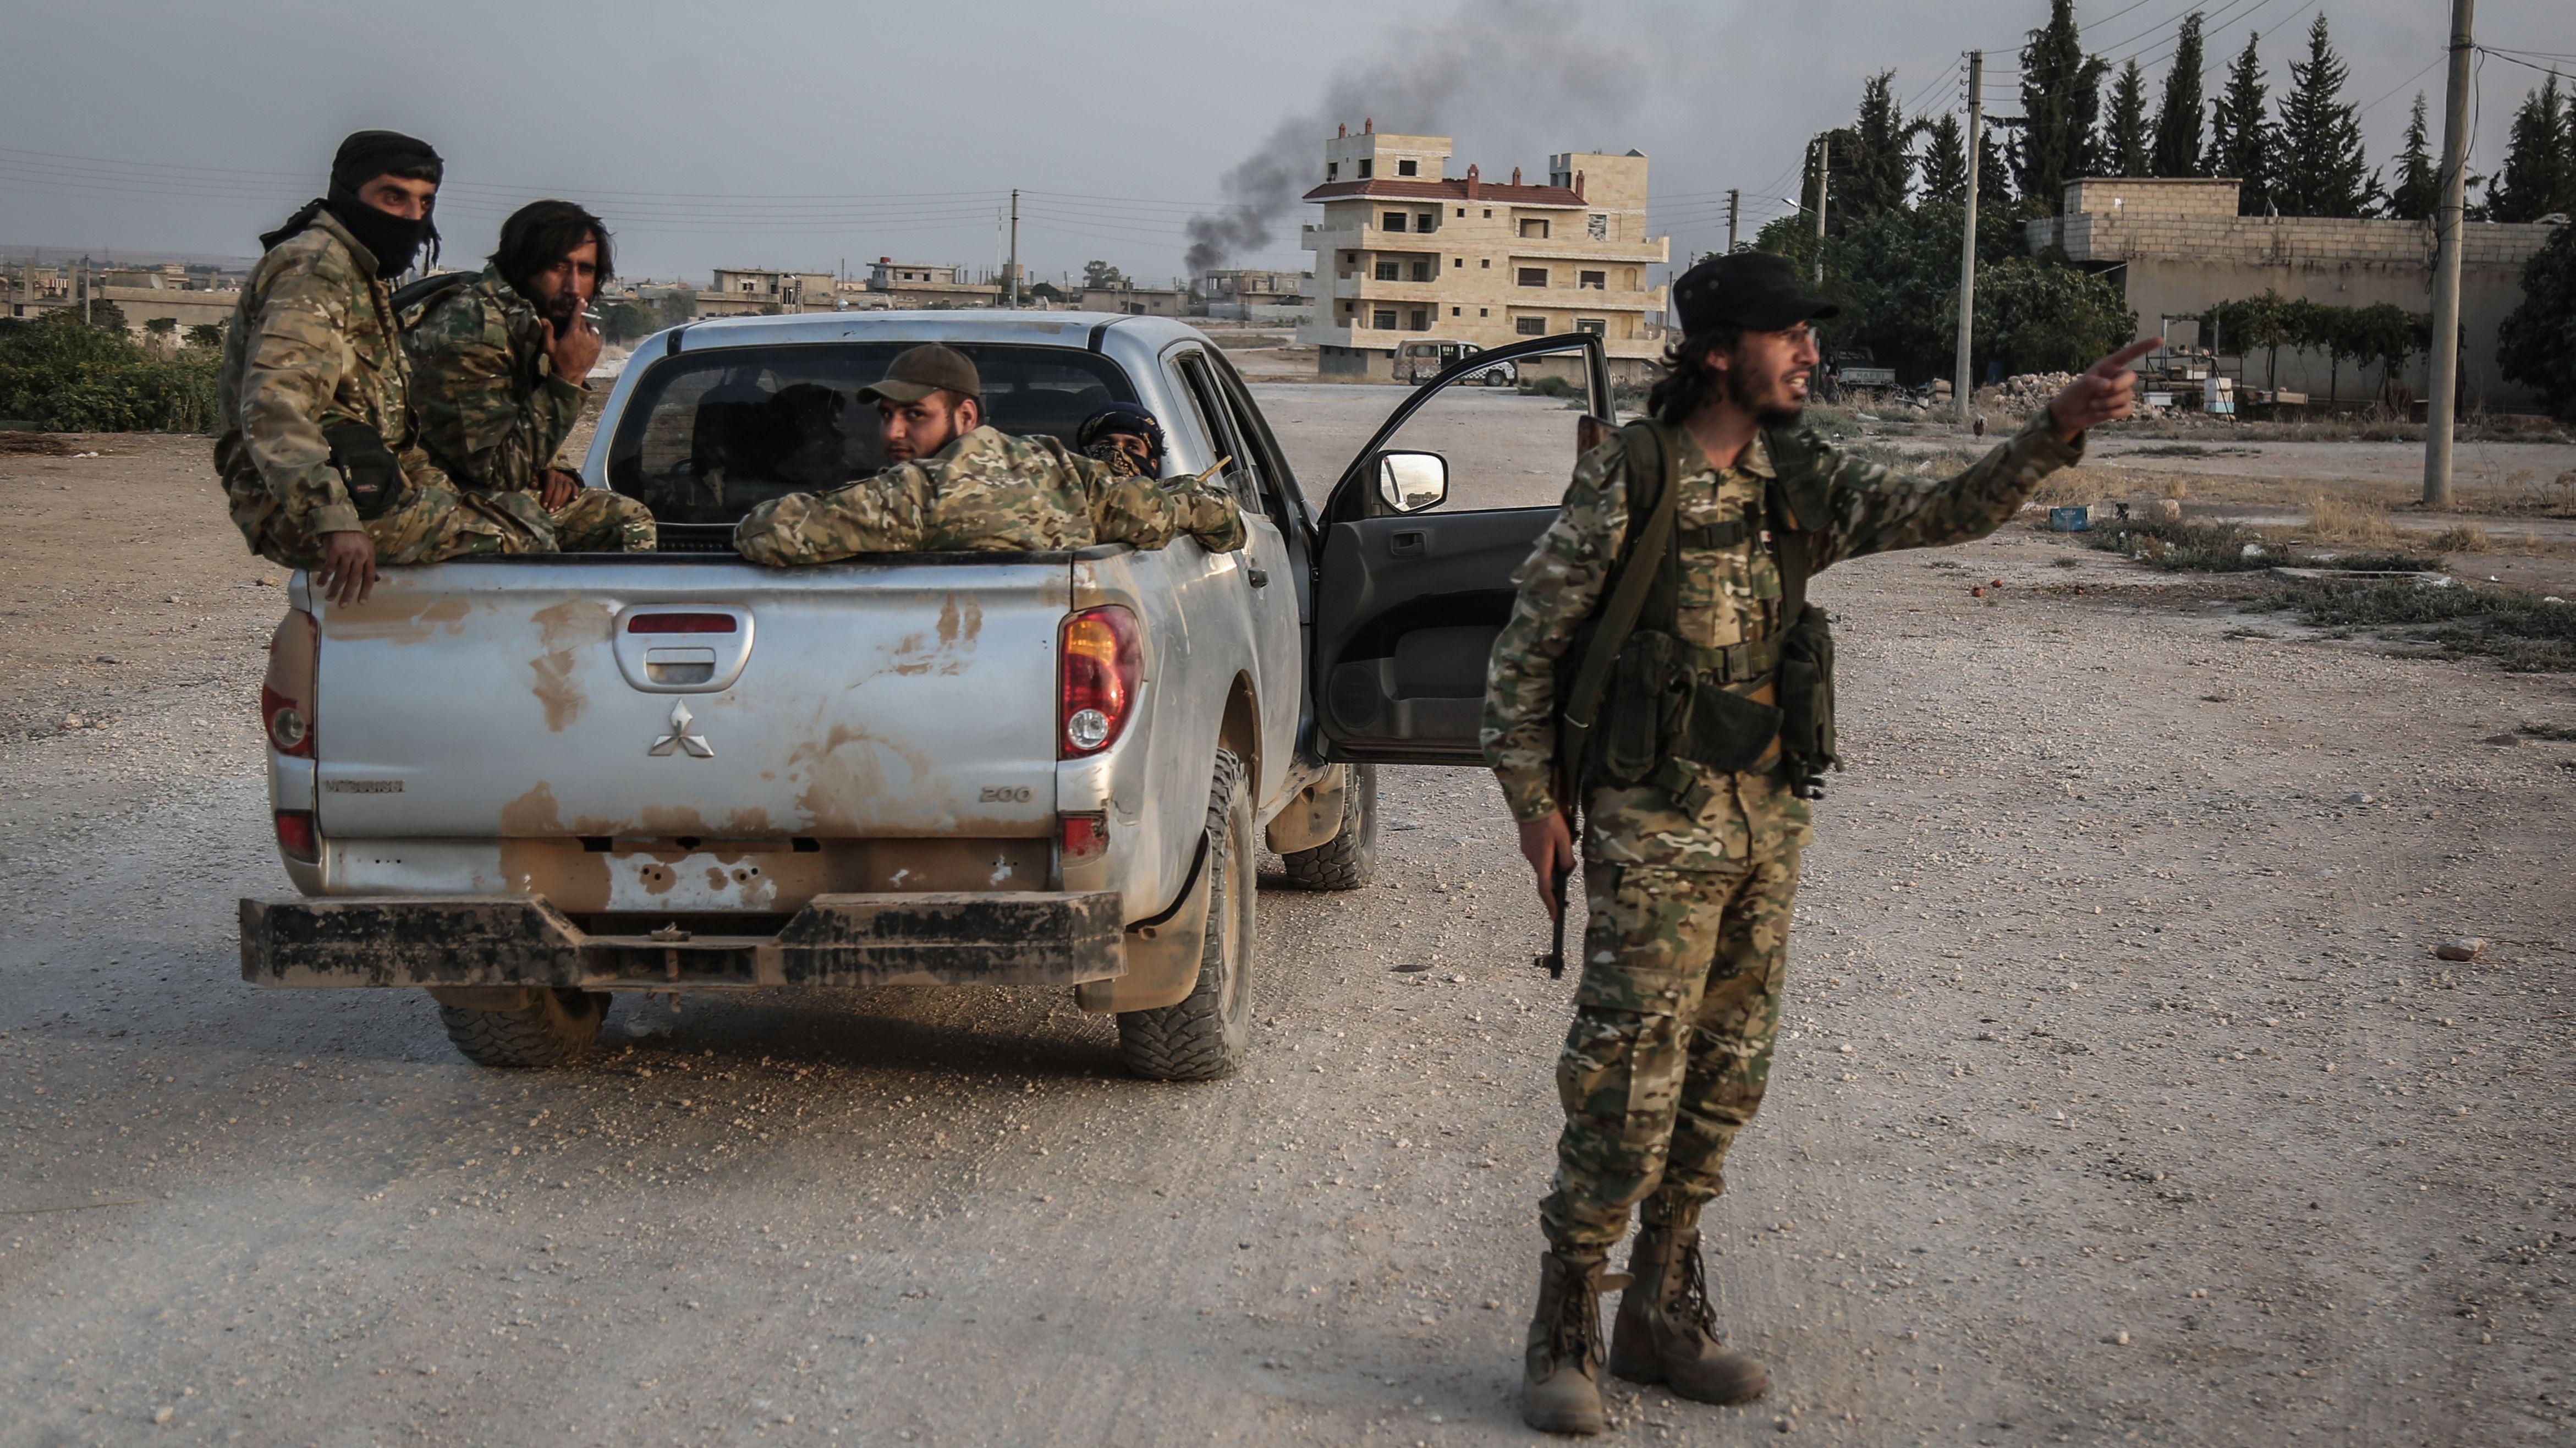 Syrien, Tell Abiad: Soldaten der türkisch unterstützten syrischen Nationalarmee patroullieren nach Zusammenstößen mit Kurdischen Kämpfern.